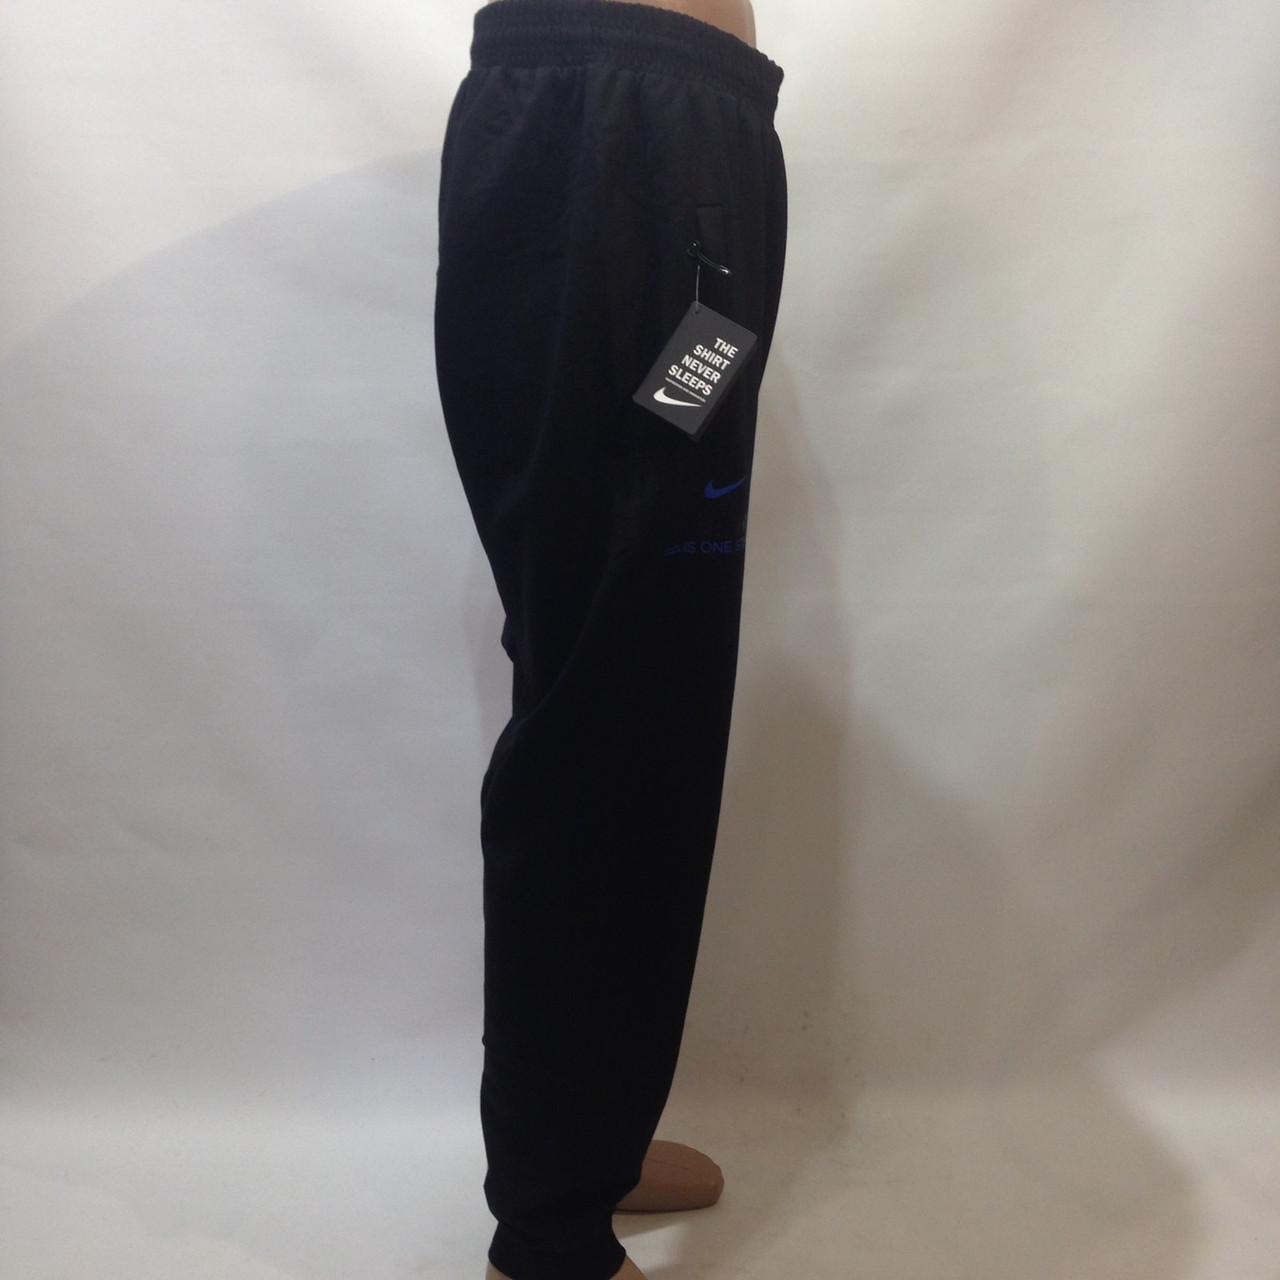 Чоловічі штани в стилі Nike (Великих розмірів) під манжет чорні відмінної якості 2xl,3xl,4xl